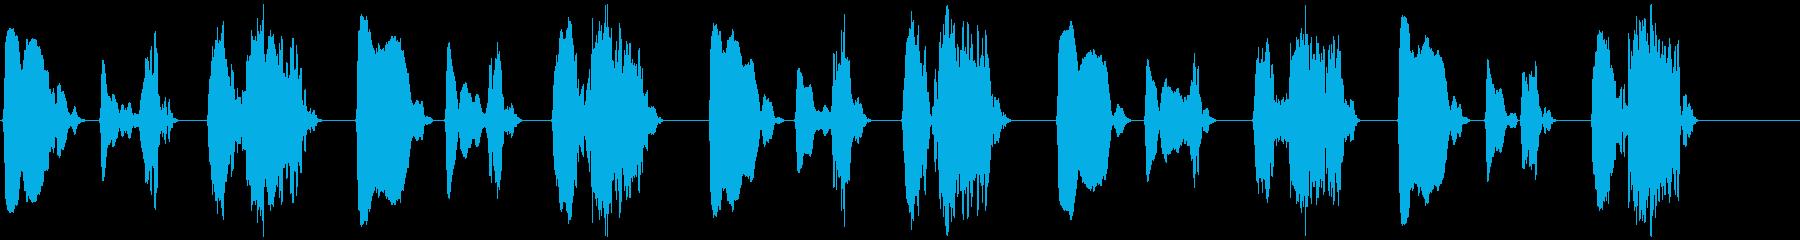 キジバト 長め ホーホー ホッホーの再生済みの波形